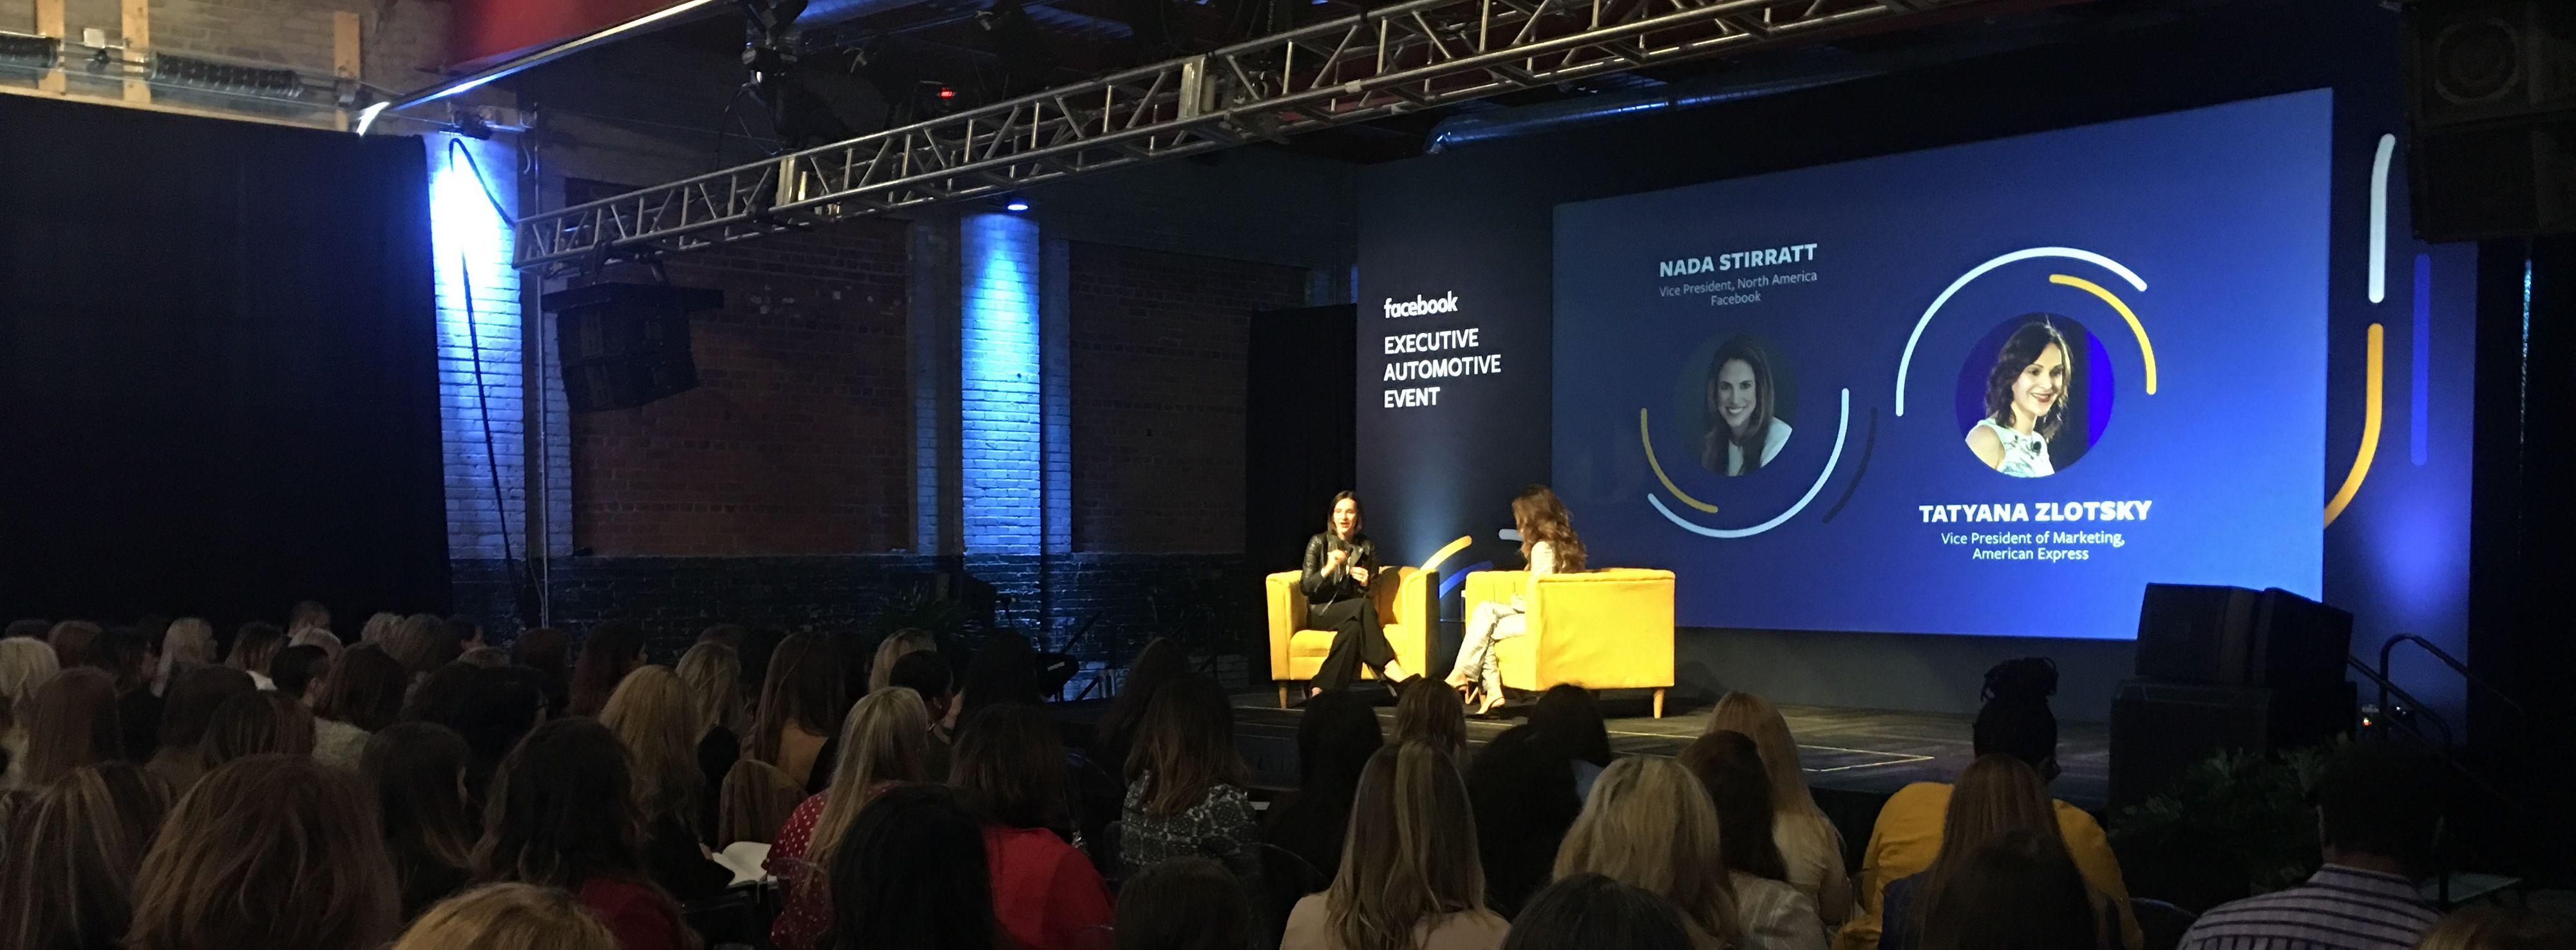 Facebook Summit Stage